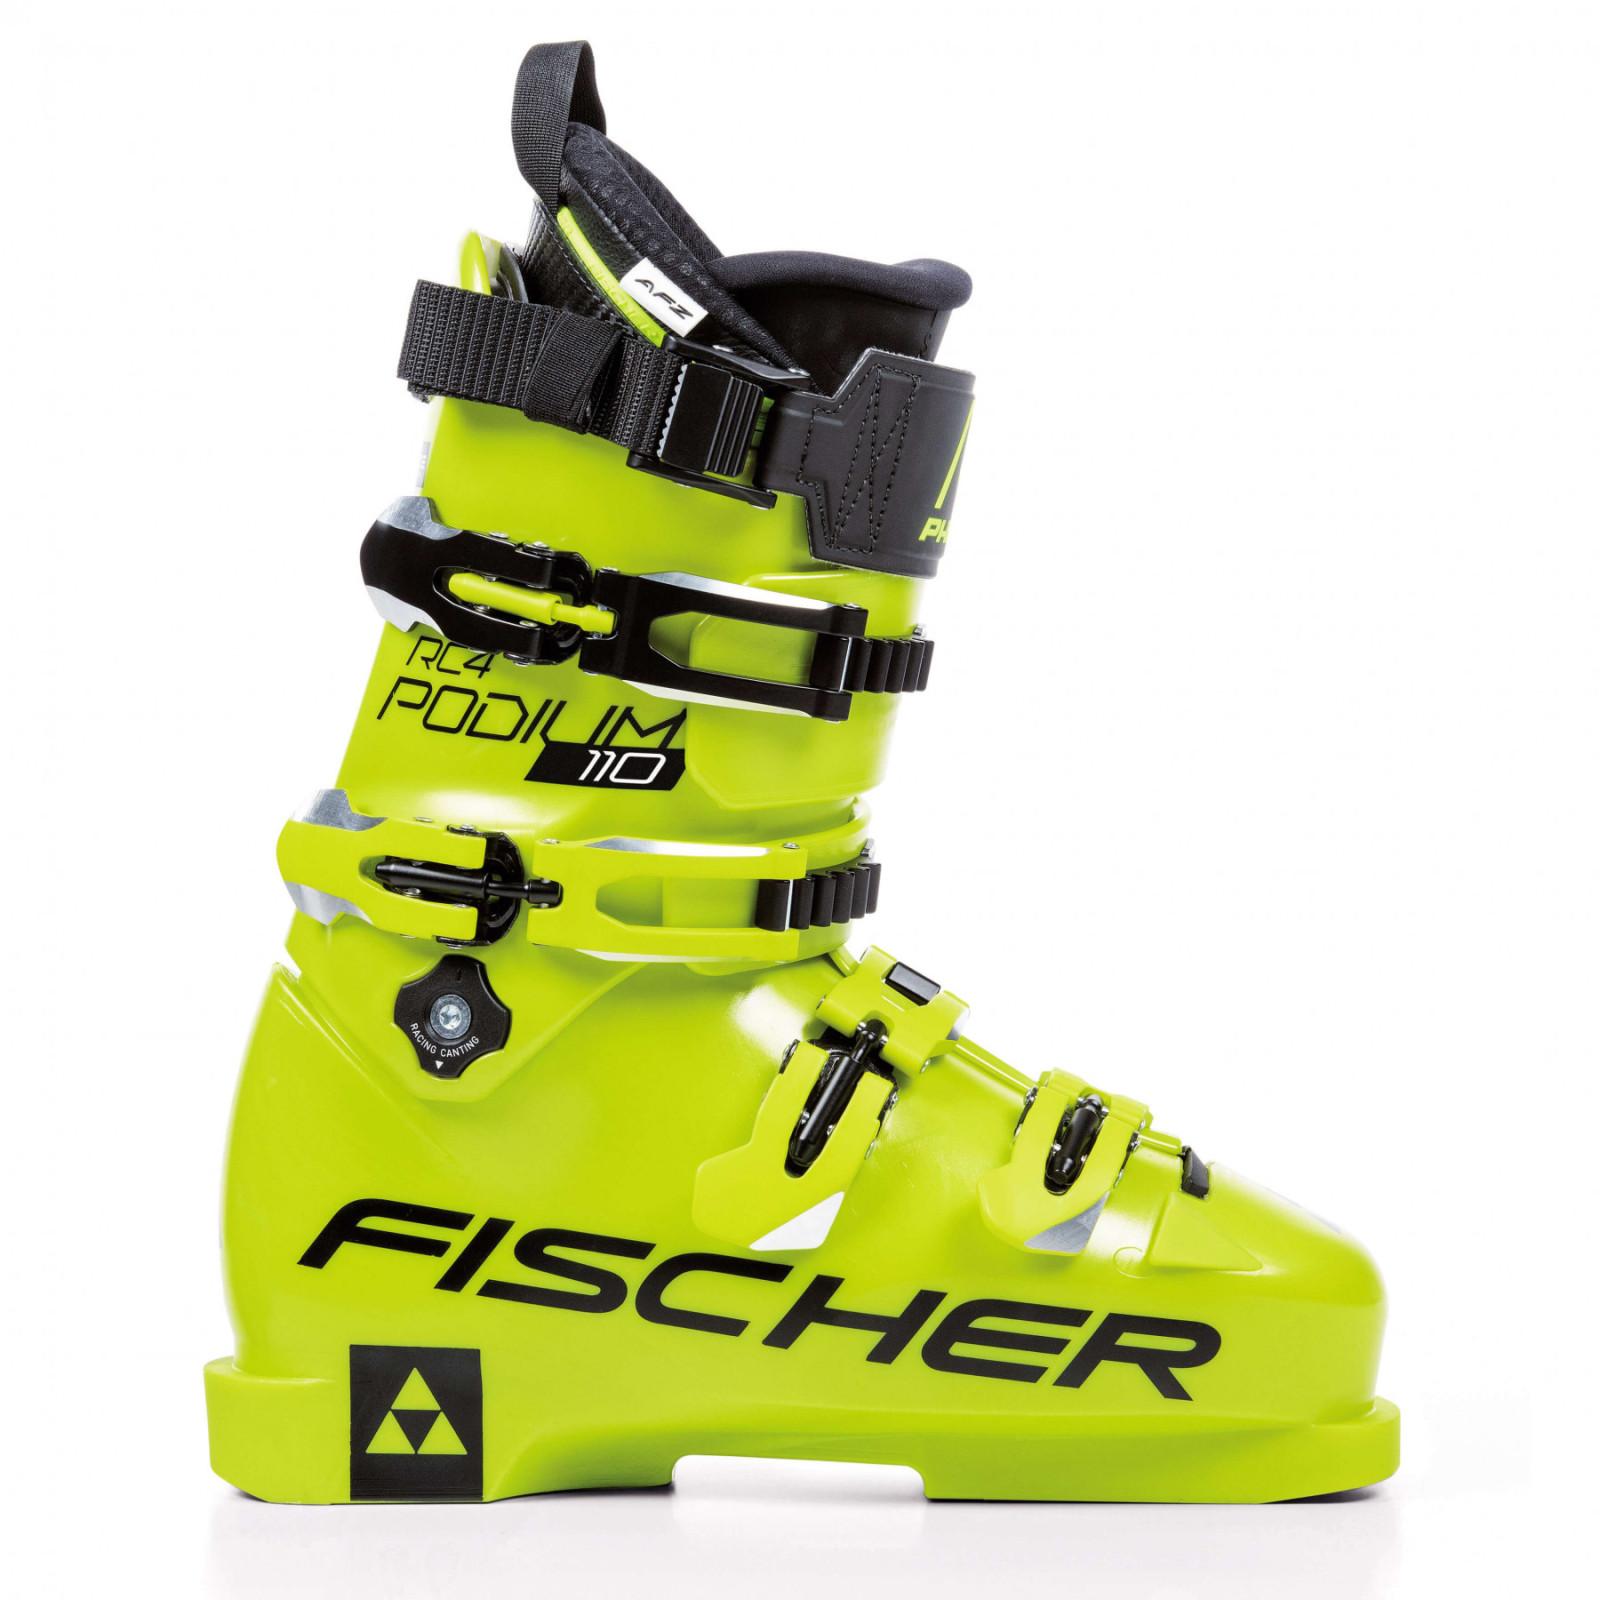 Fischer RC 4 Podium RD 110